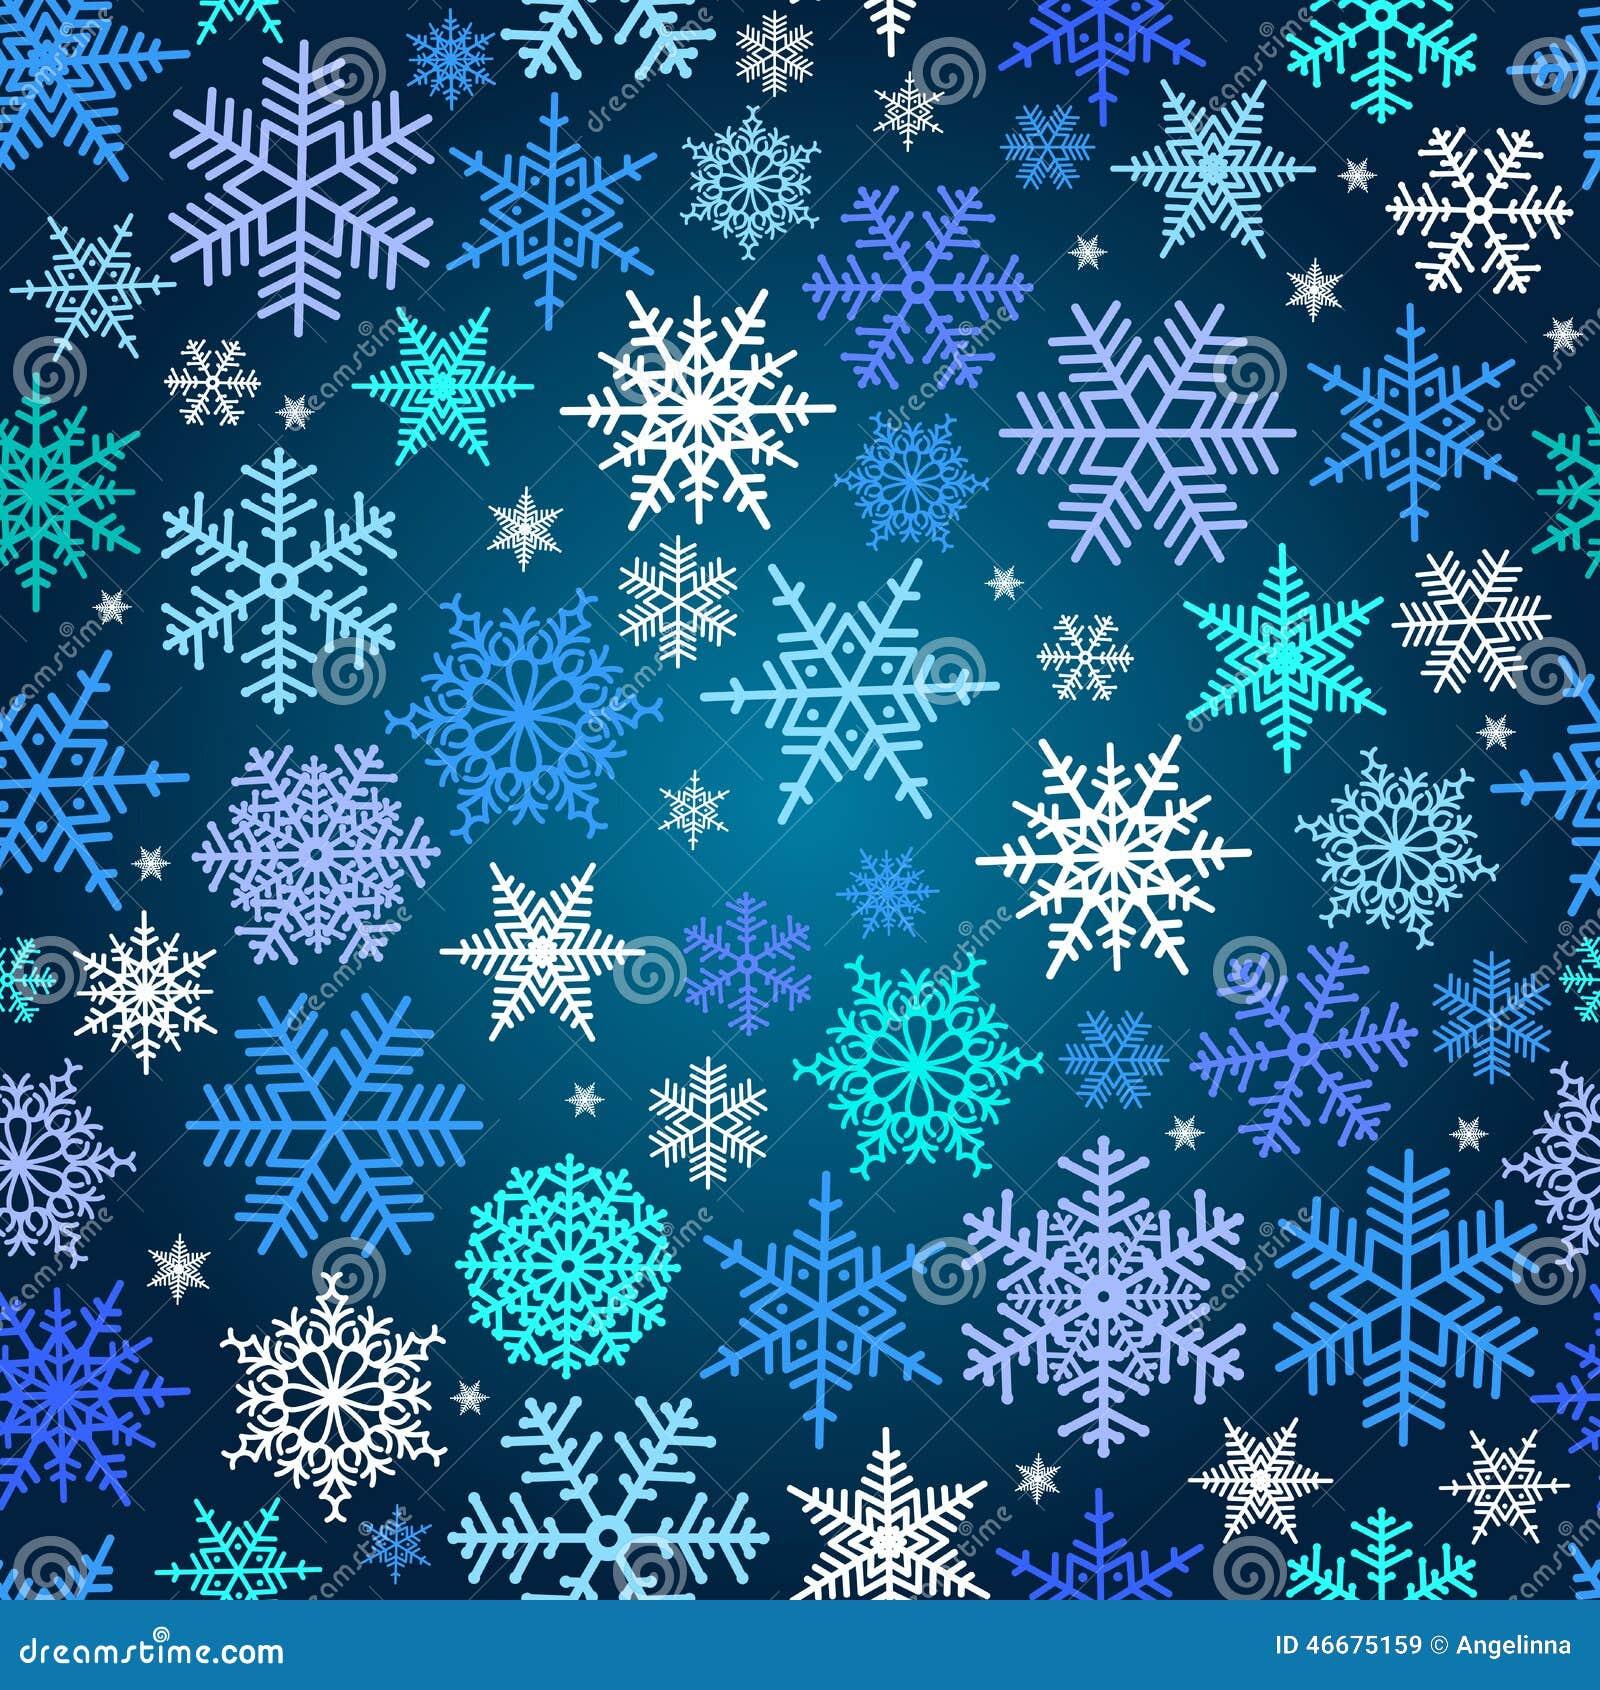 Vektor Schneeflocken Und Eiskristalle Schneeflocke 5